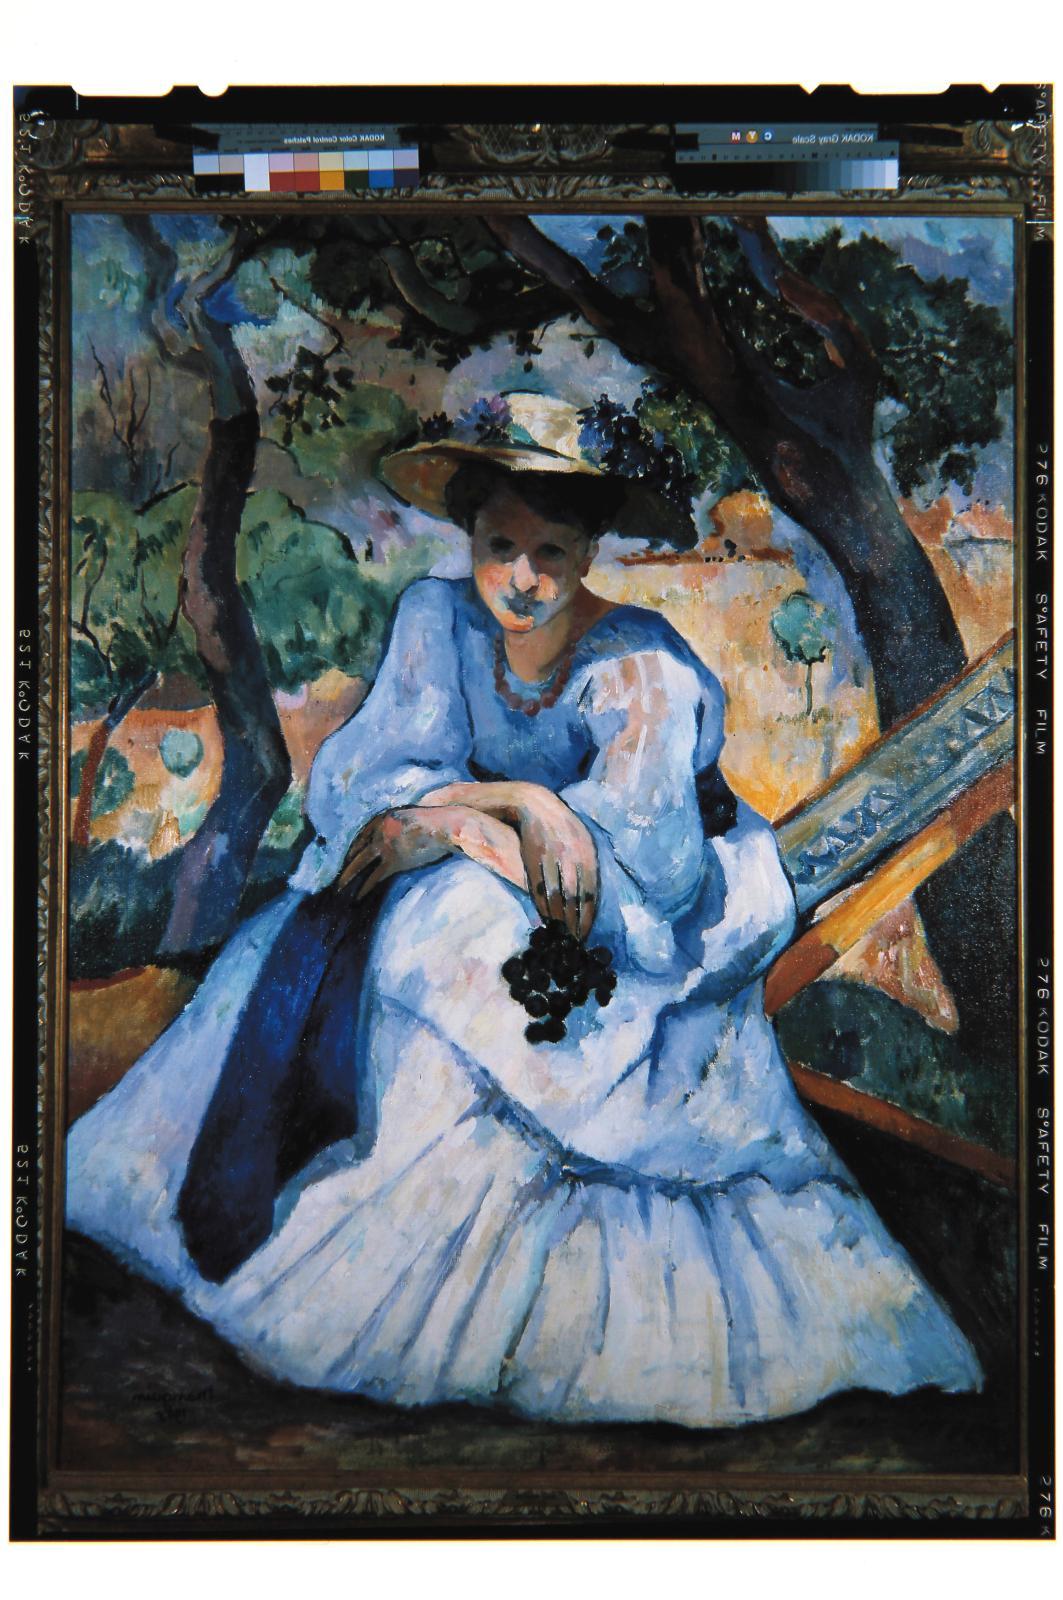 Henri Manguin, La Femme à la grappe, 1905, collection fondation Pierre Gianadda. © collection Pierre Gianadda